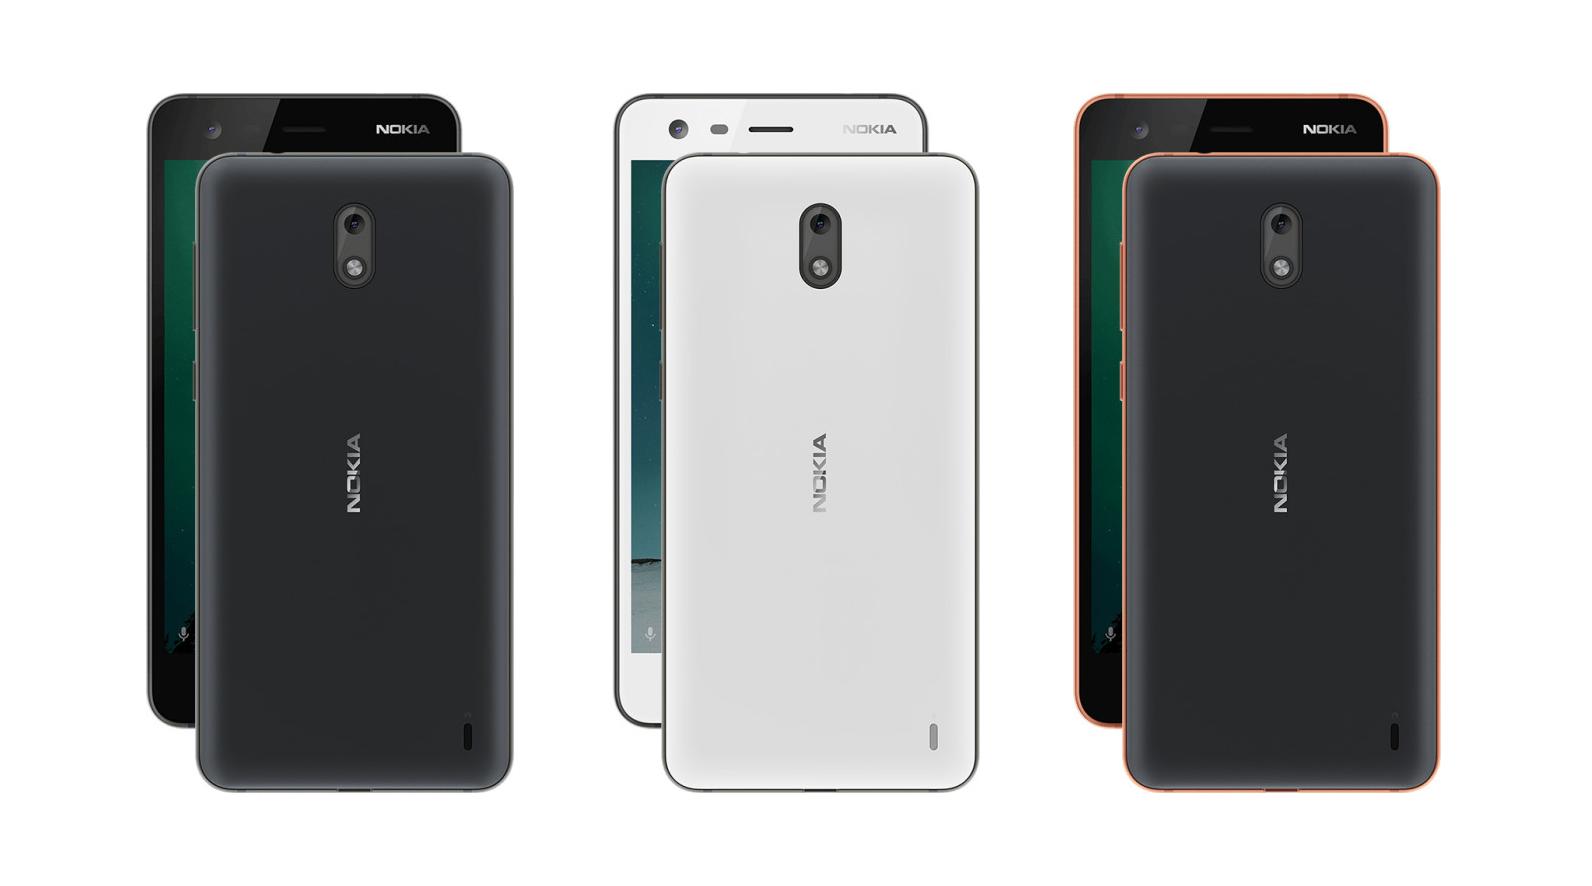 Nokia 2 Best Smartphones Under 10000 in Nepal 2019